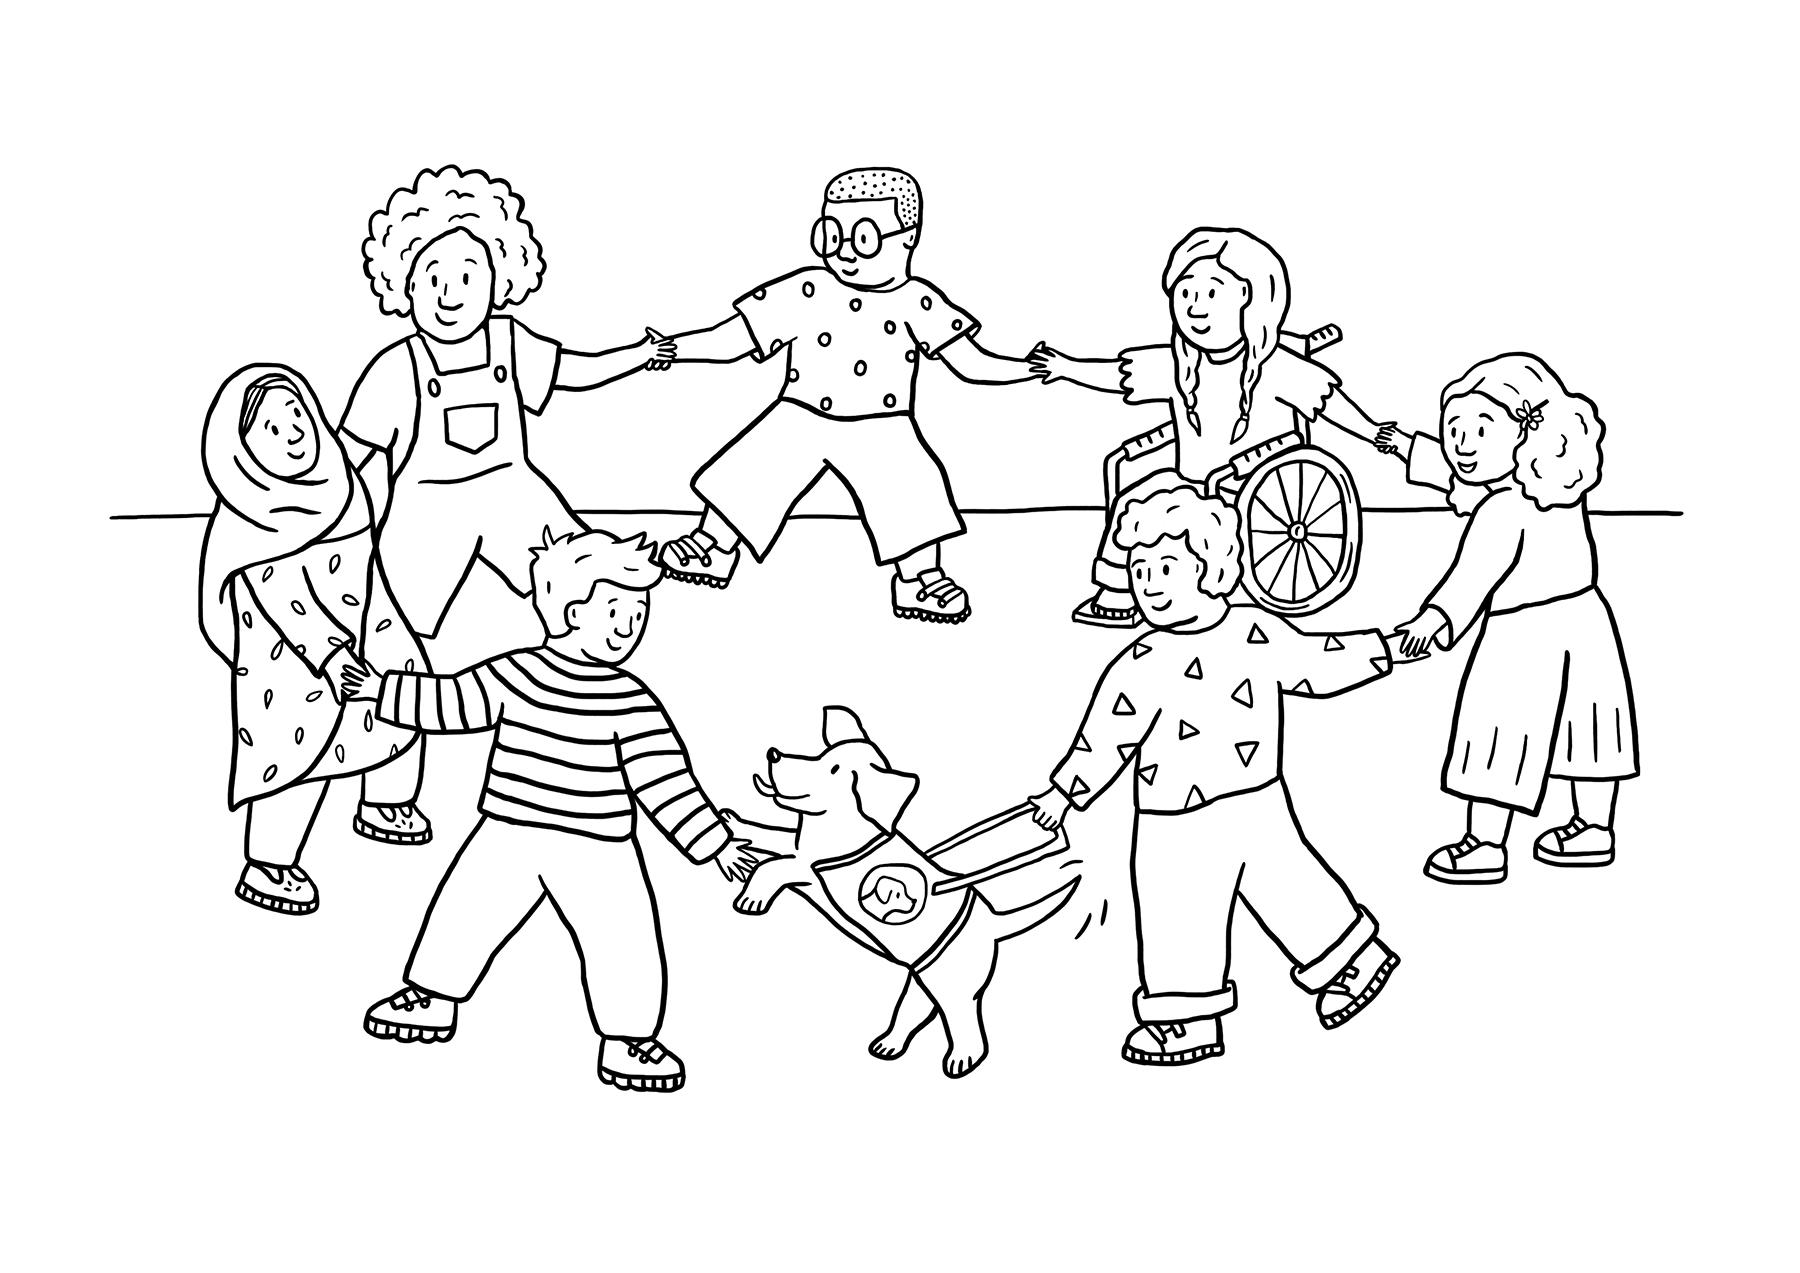 Liturgy-Holding-Hands-web.jpg